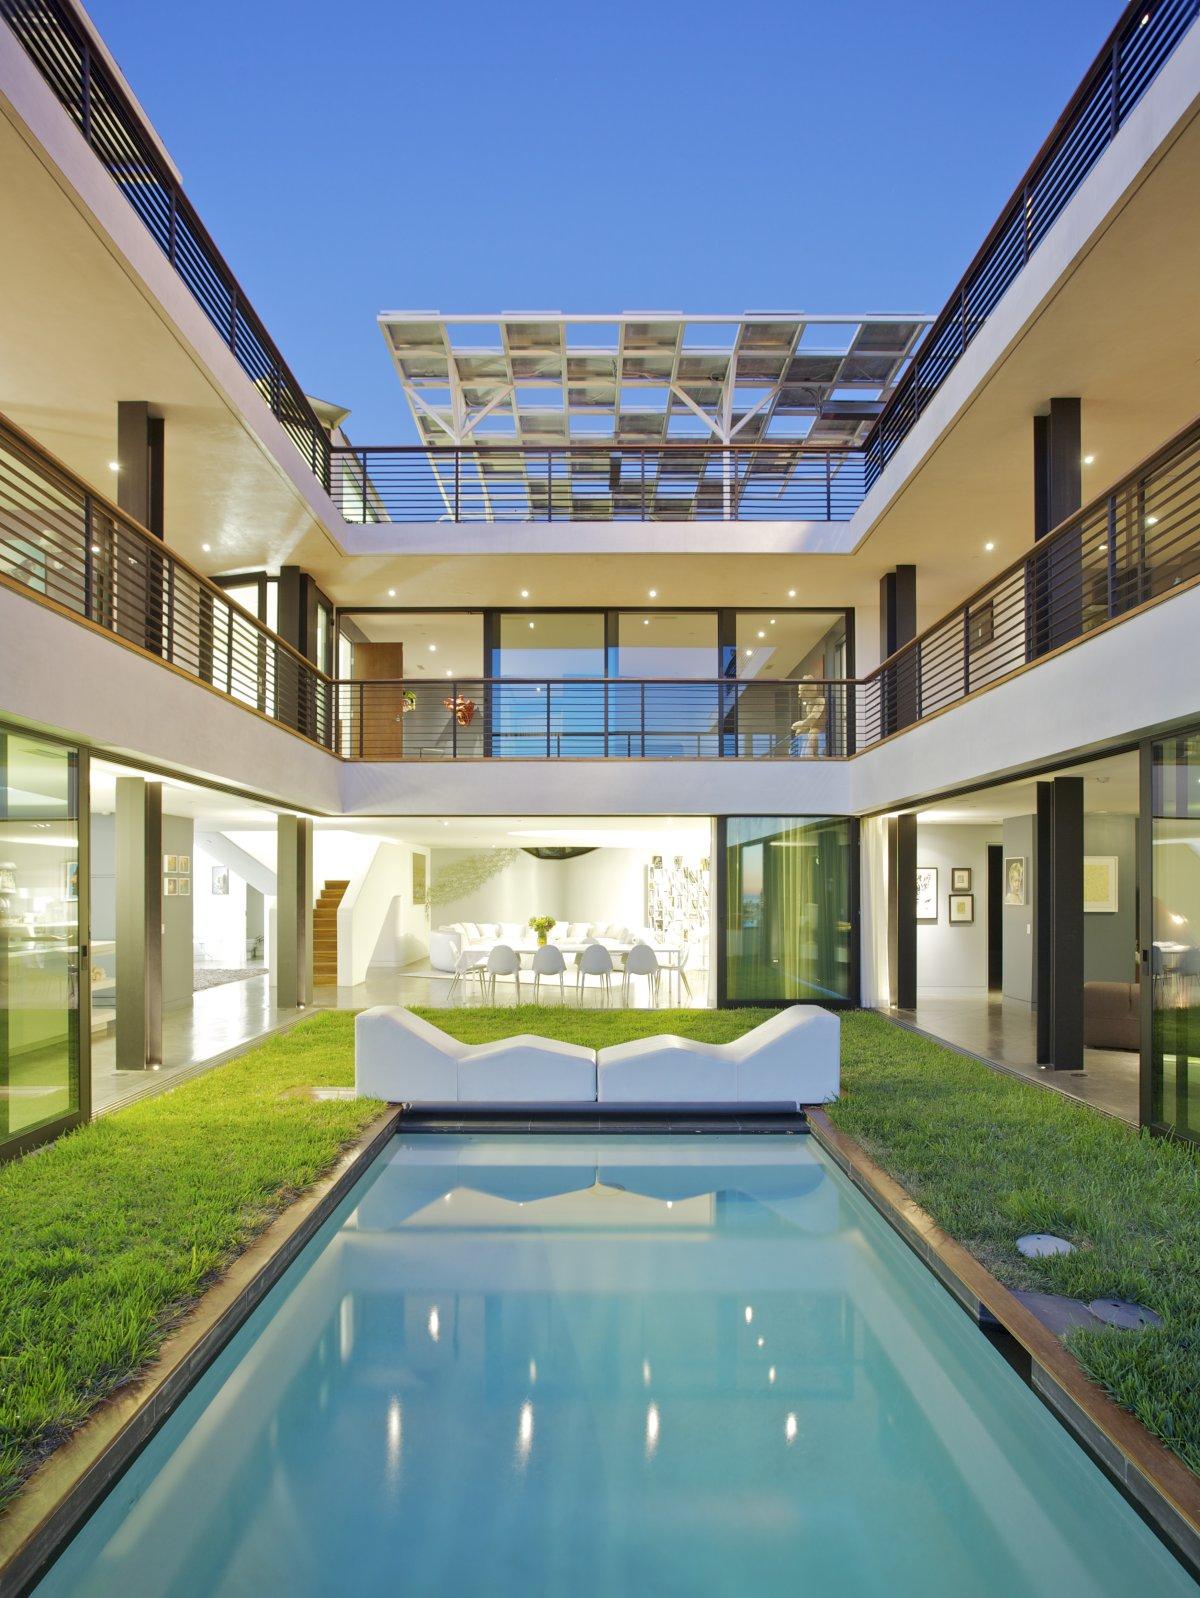 New Theme, Green Greenberg, особняки Лос-Анджелеса, частный дом в Калифорнии, дома в Лос-Анджелесе, дом с видом на Лос-Анджелес, дома в Калифорнии